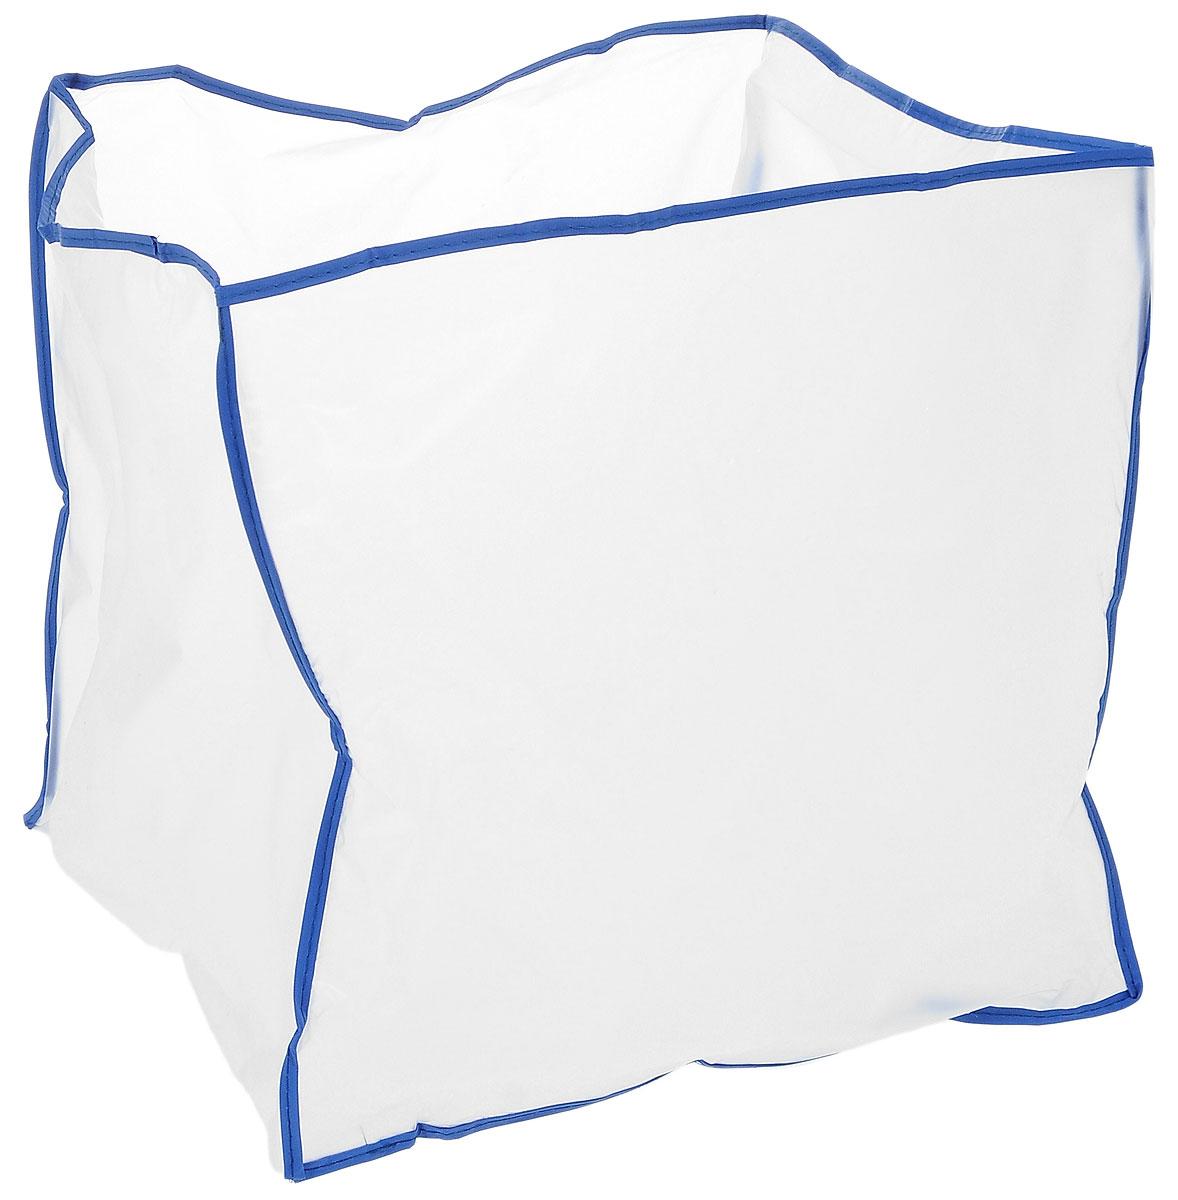 Чехол для швейной машины Hemline, 32 х 30 х 28 см192Чехол Hemline, изготовленный из плотного, полупрозрачного полиэтилена, идеально подходит для любых типов краеобметочных и оверлочных машин. По краю выполнена синяя оторочка. С таким изделием ваша машинка будет защищена от пыли, грязи, текстильных волокон и солнечного света. Размер чехла: 32 х 30 х 28 см.